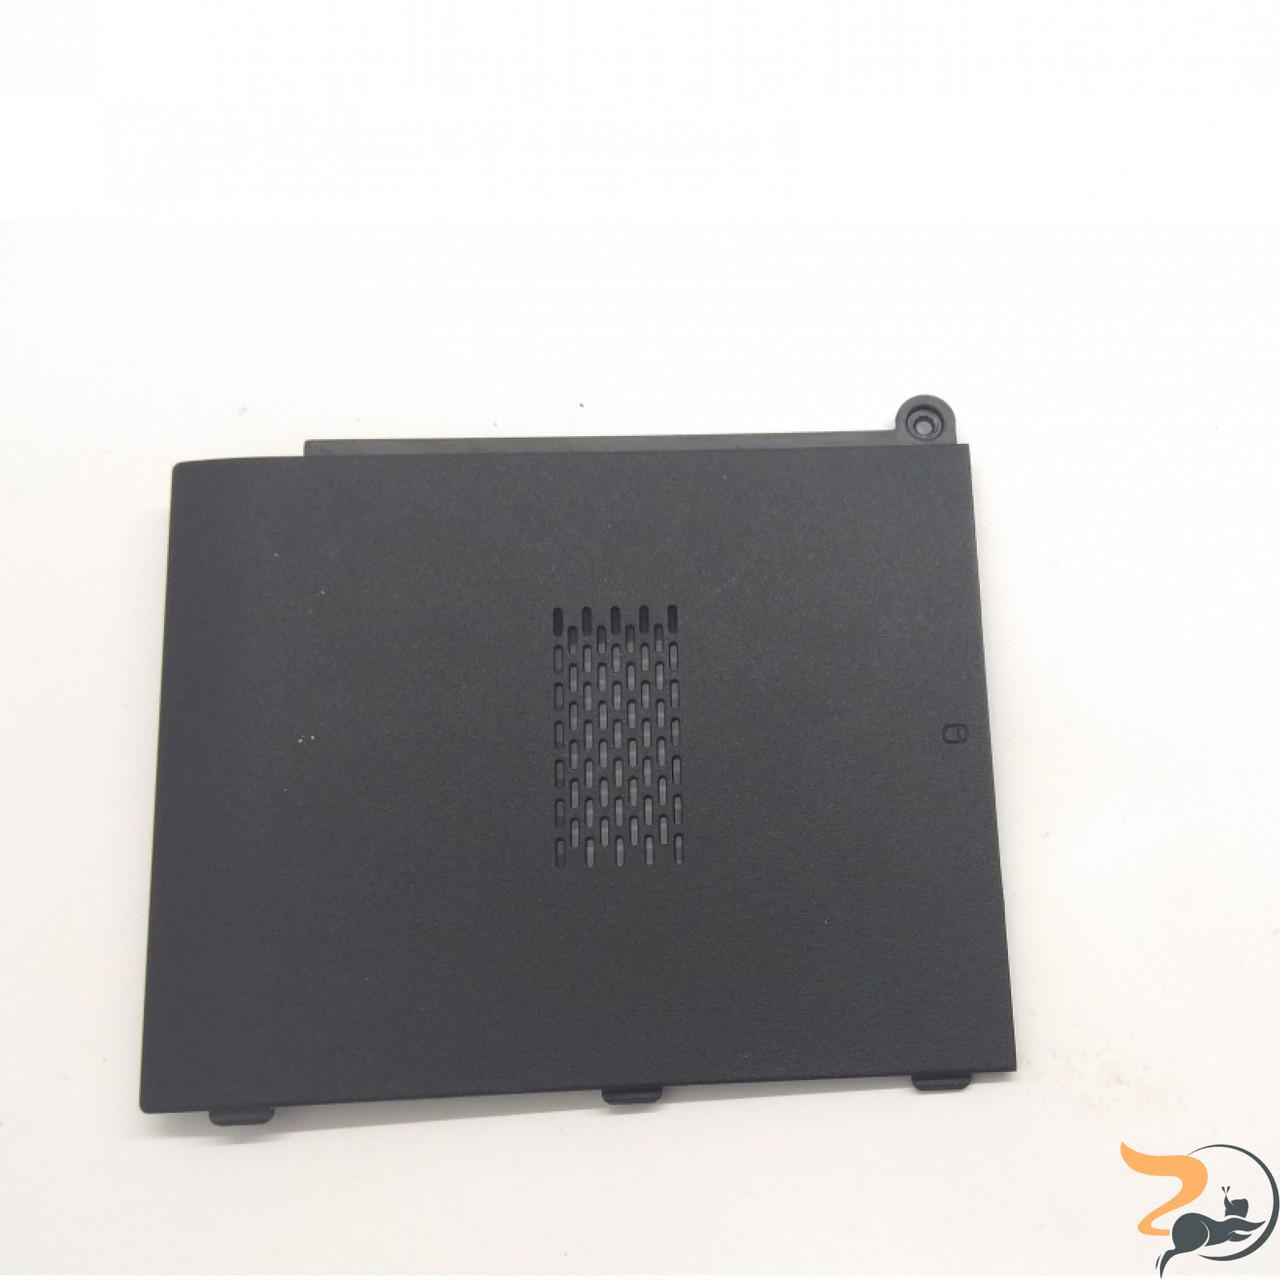 Сервісна кришка для ноутбука ASUS X70AB, ASUS X70AC, 13GNVQ10P06X-1, 13N0-EZP0301, Б/В.